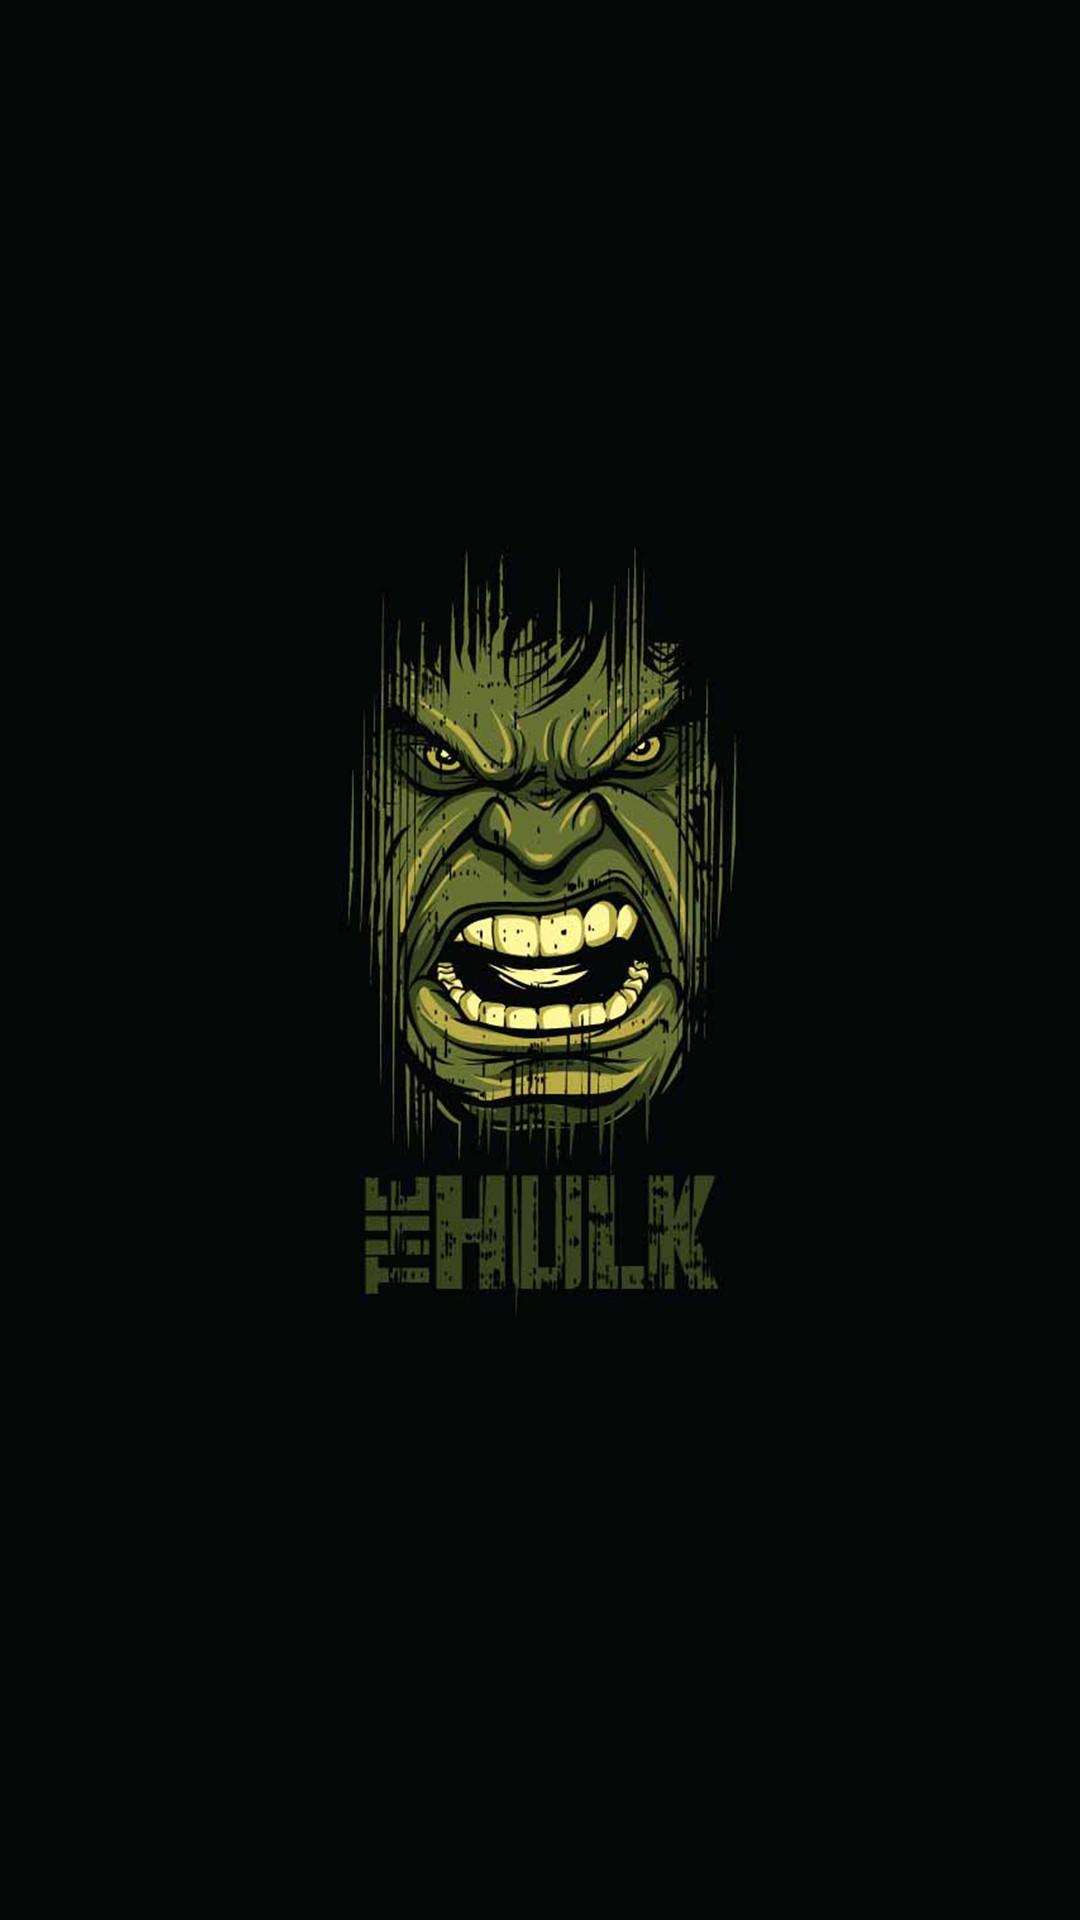 Astronaut Iphone Wallpaper Hulk Avengers Iphone Wallpaper Iphone Wallpapers